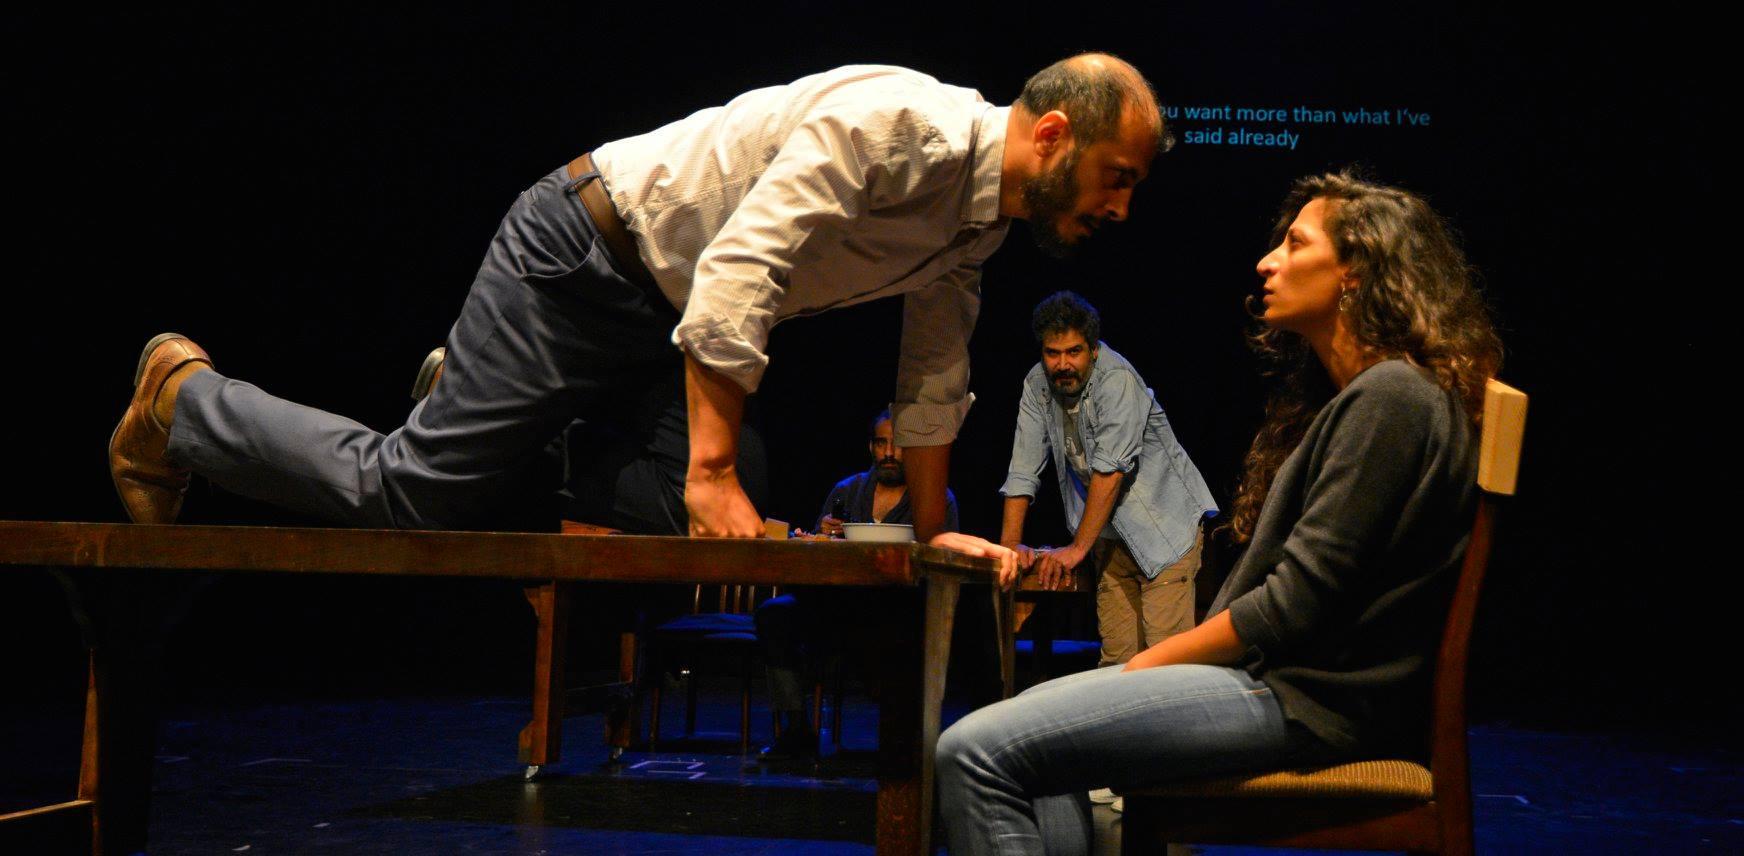 صورة من مسرحية الإعتراف، وائل قدور، عبد الله الكفري.jpg